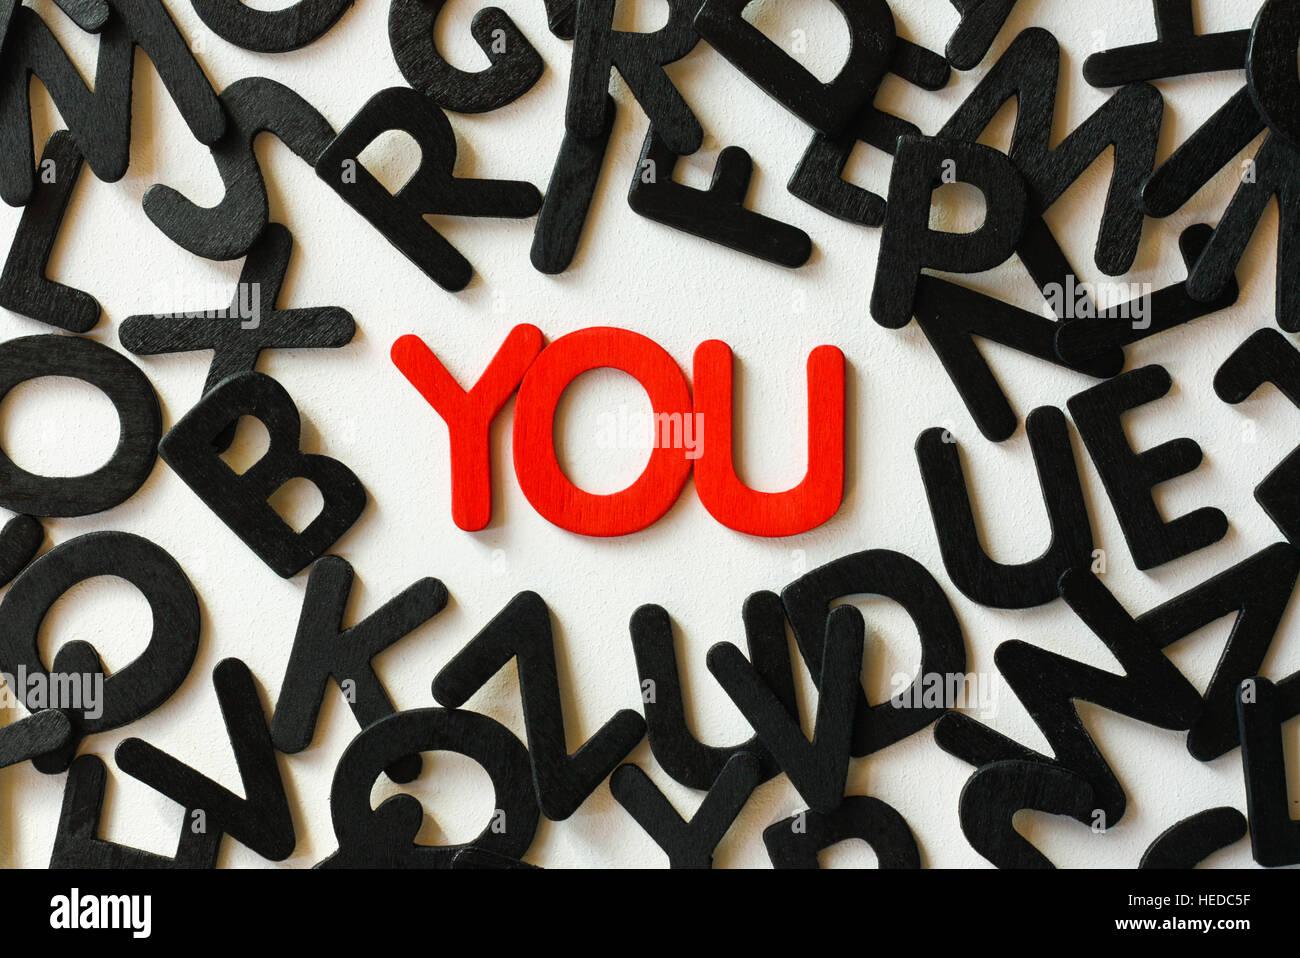 Rojo letras de la palabra que para ilustrar el concepto de la autonomía y de la identidad personal. Imagen De Stock